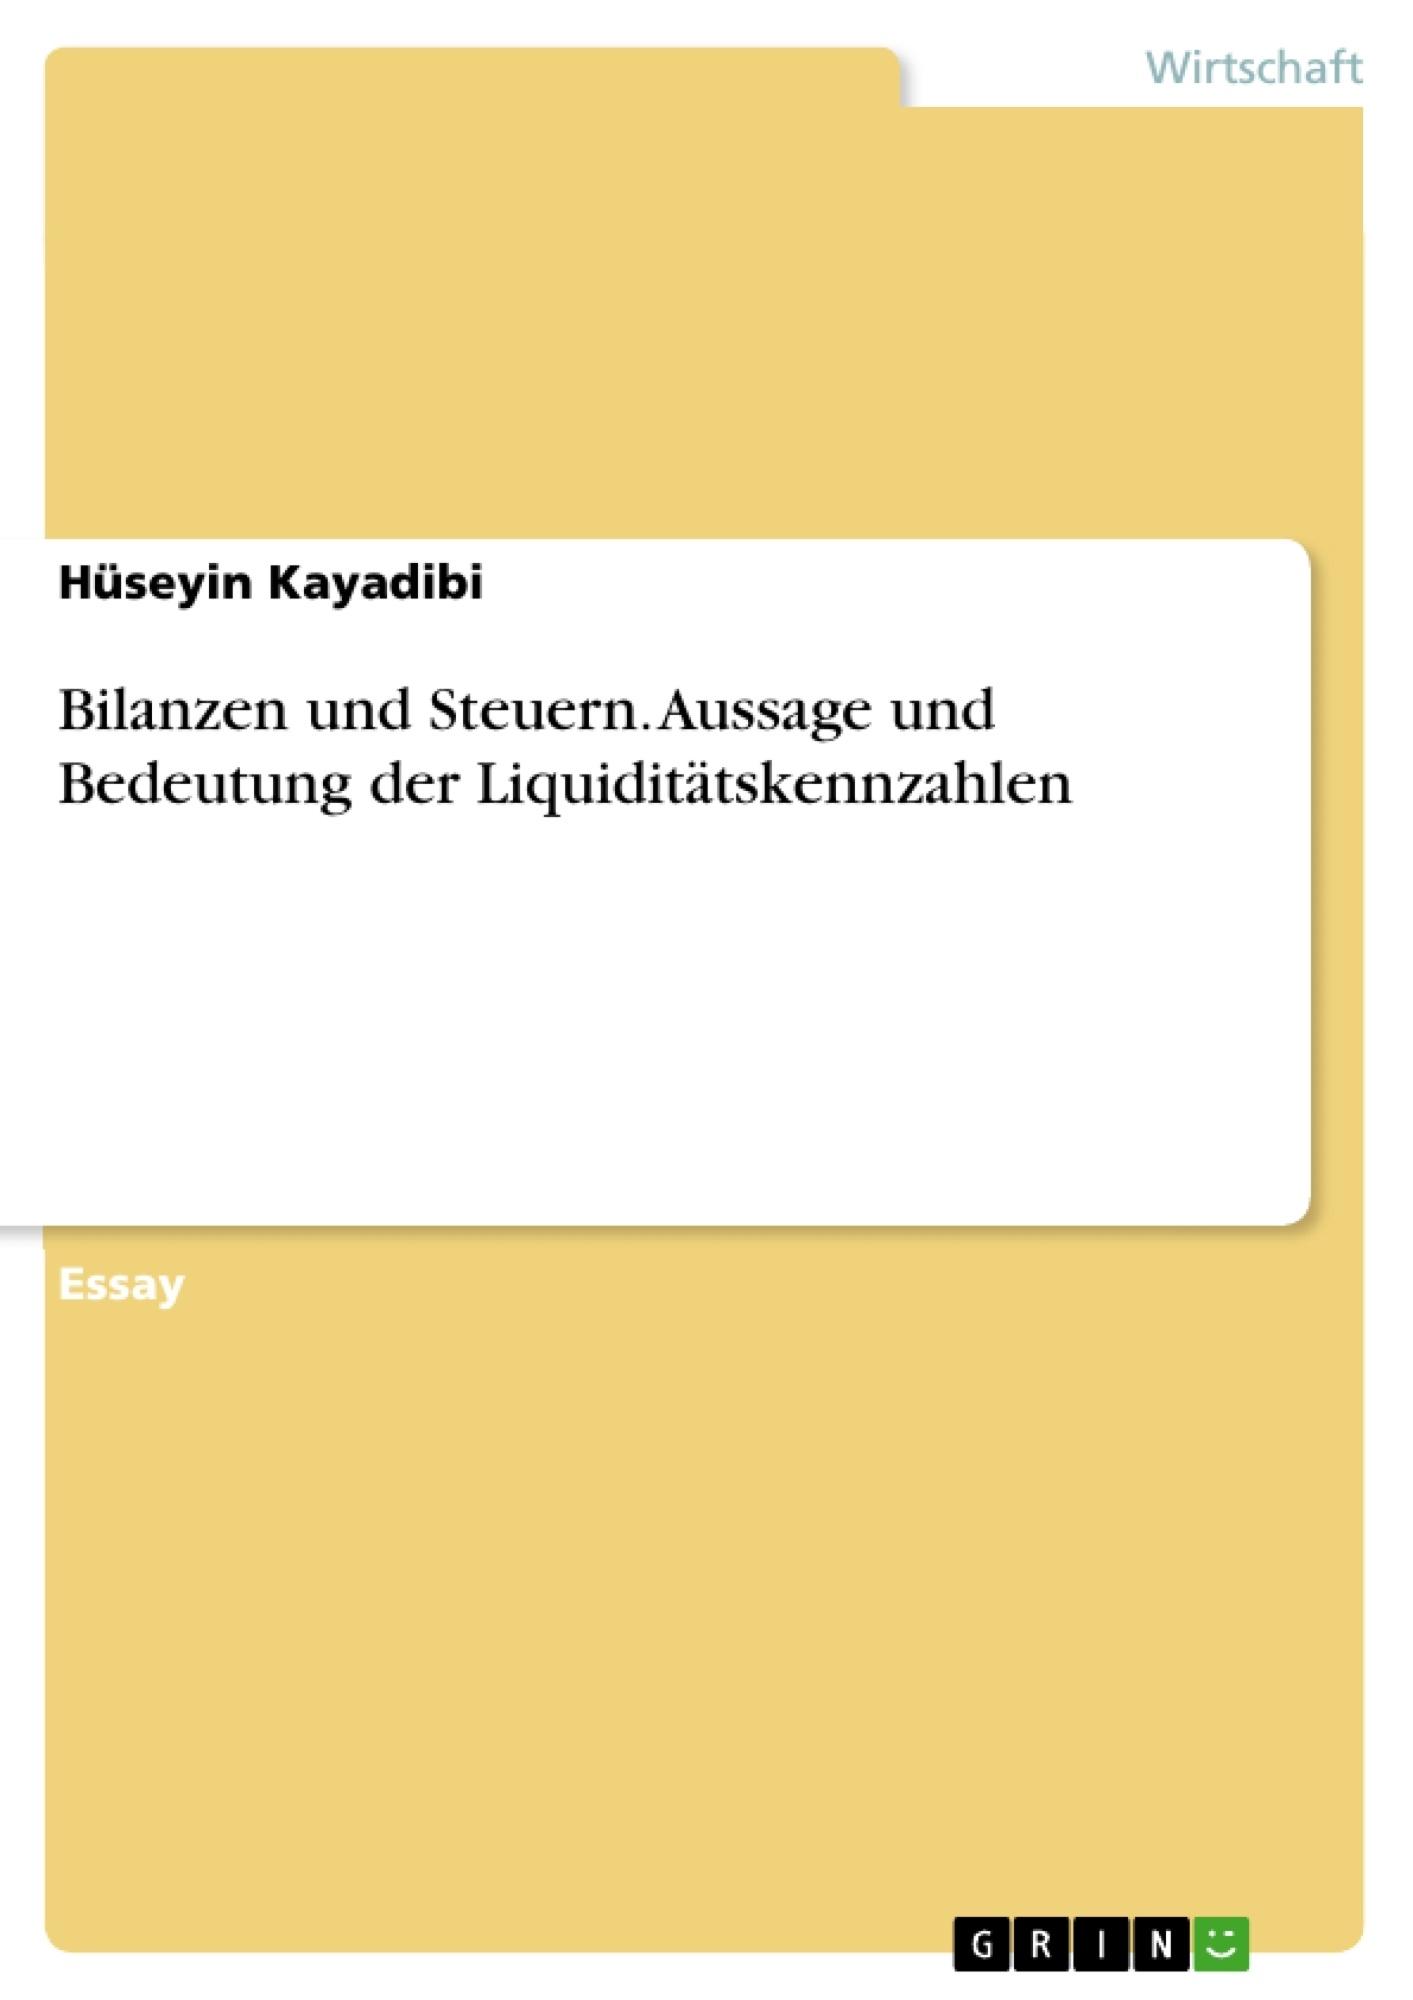 Titel: Bilanzen und Steuern. Aussage und Bedeutung der Liquiditätskennzahlen